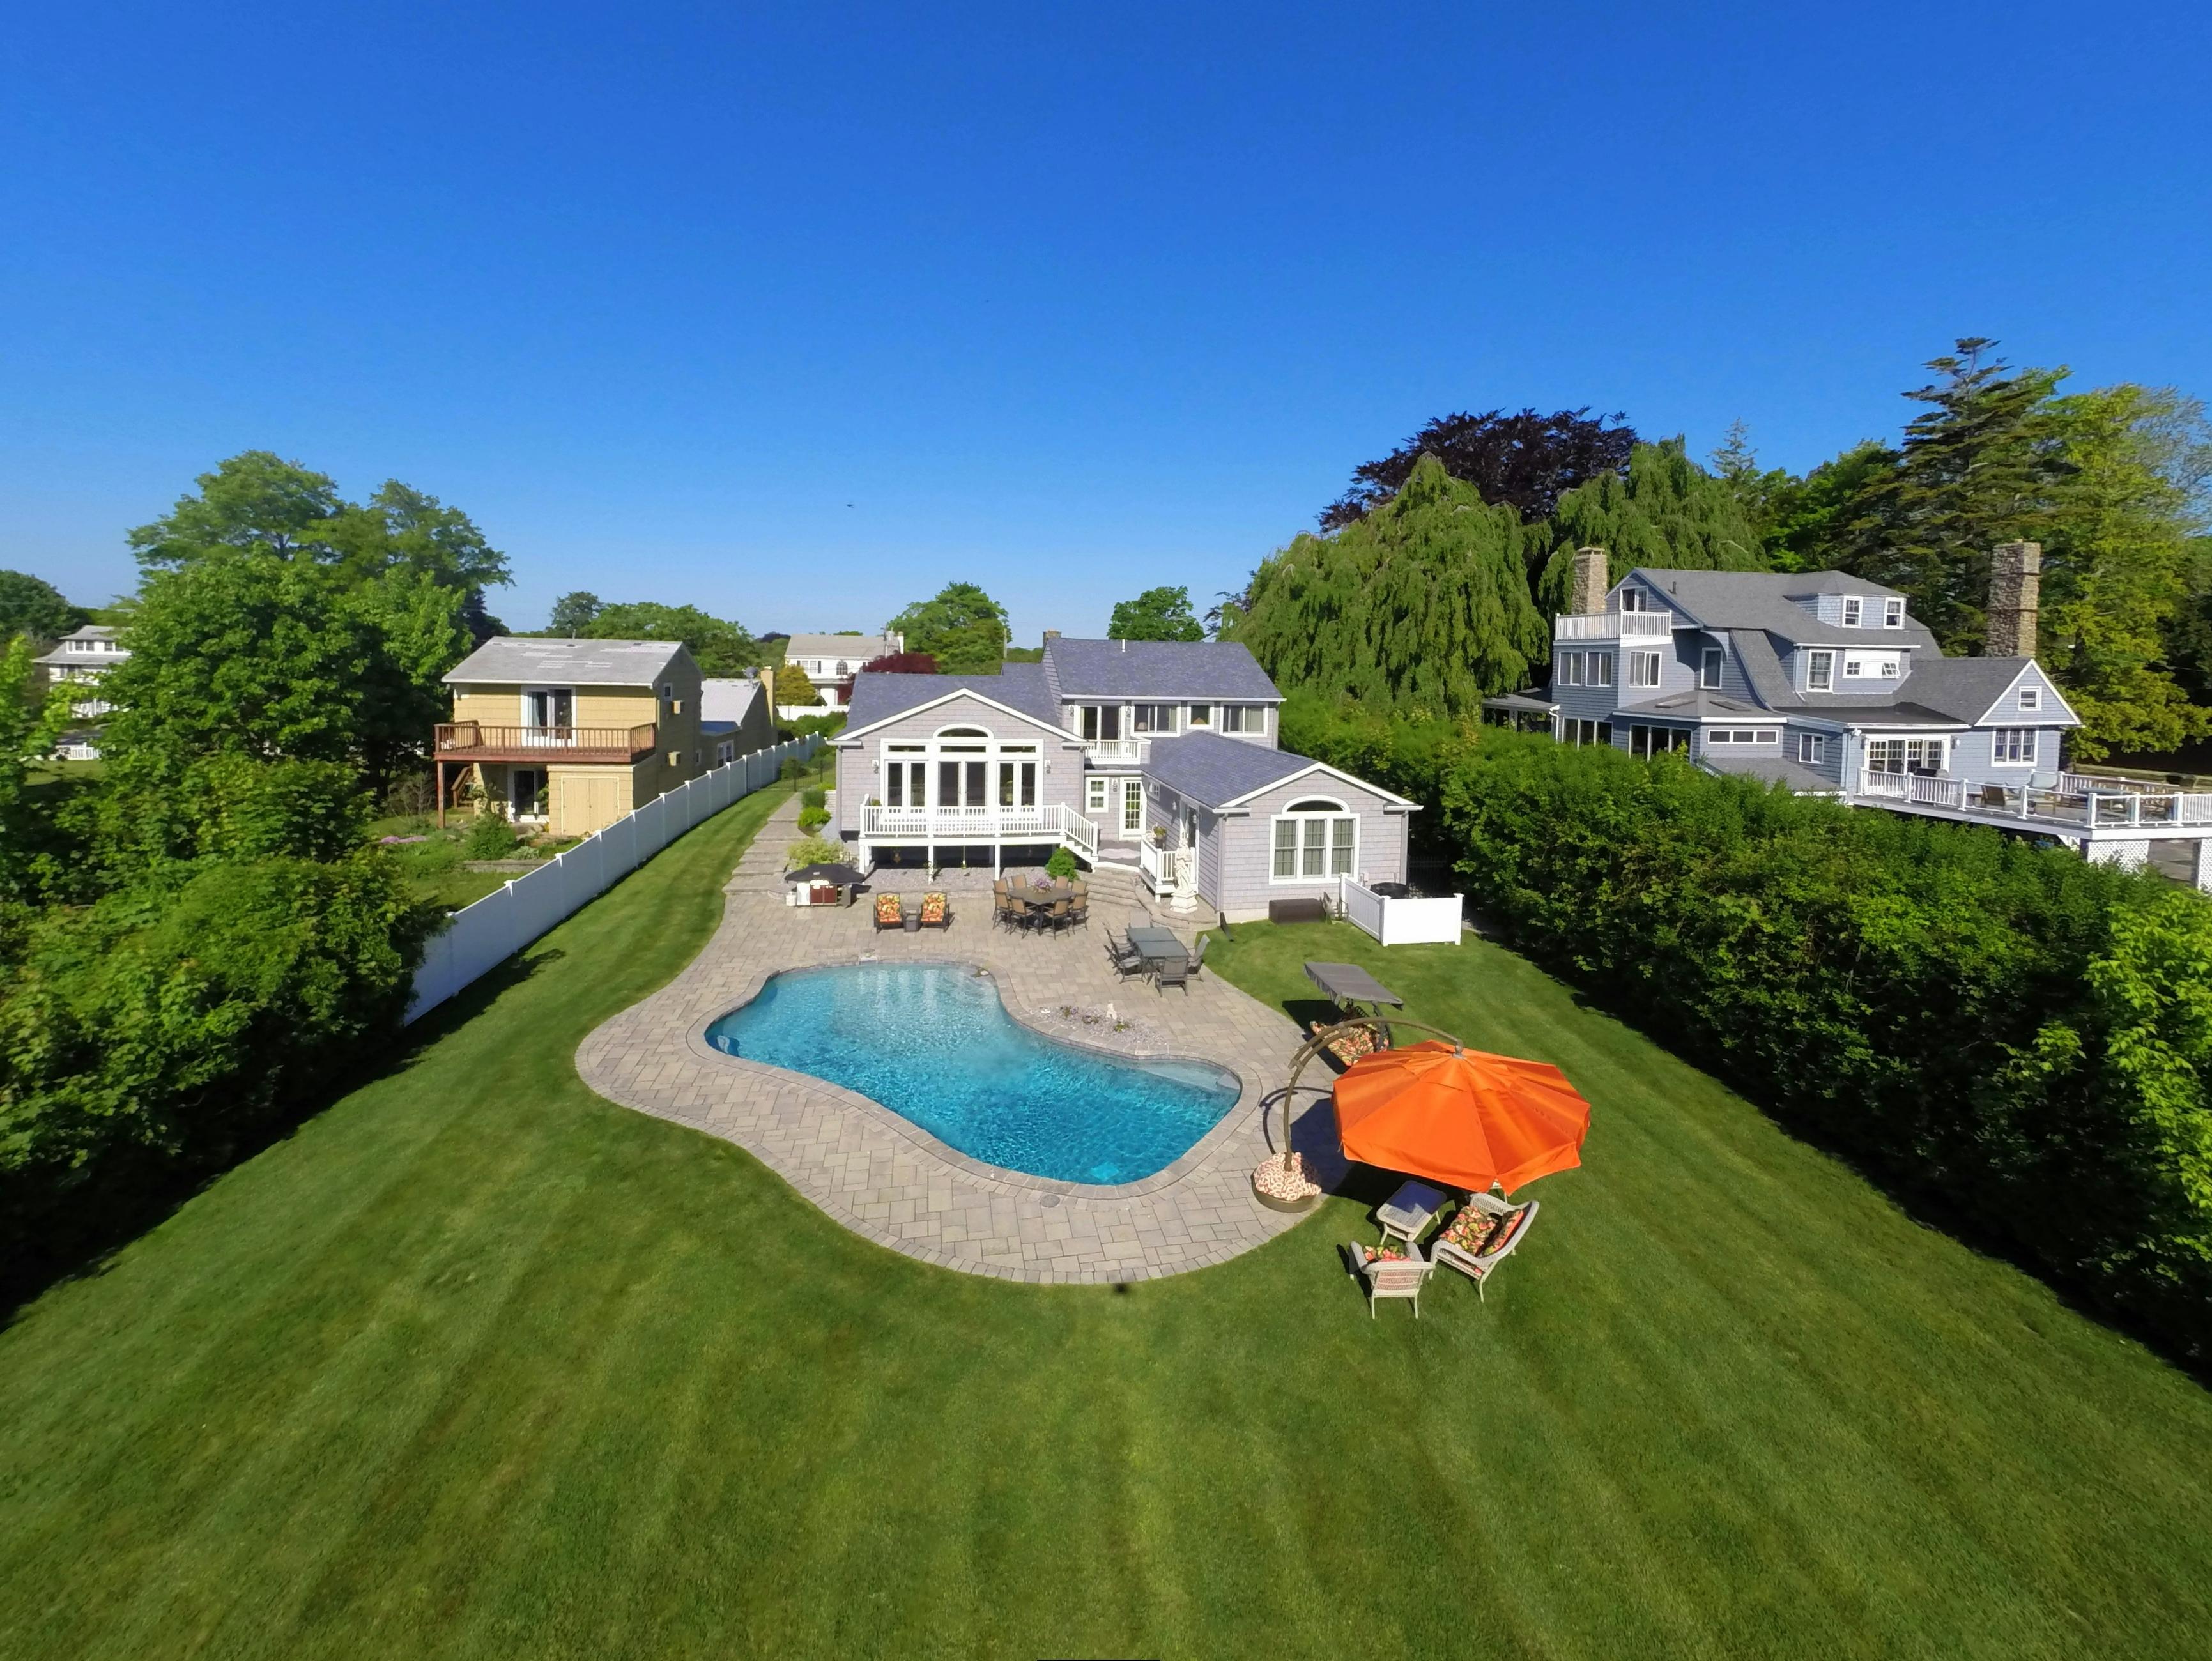 独户住宅 为 销售 在 Dramatic Water Views 1090 Ocean Avenue New London, 康涅狄格州 06320 美国